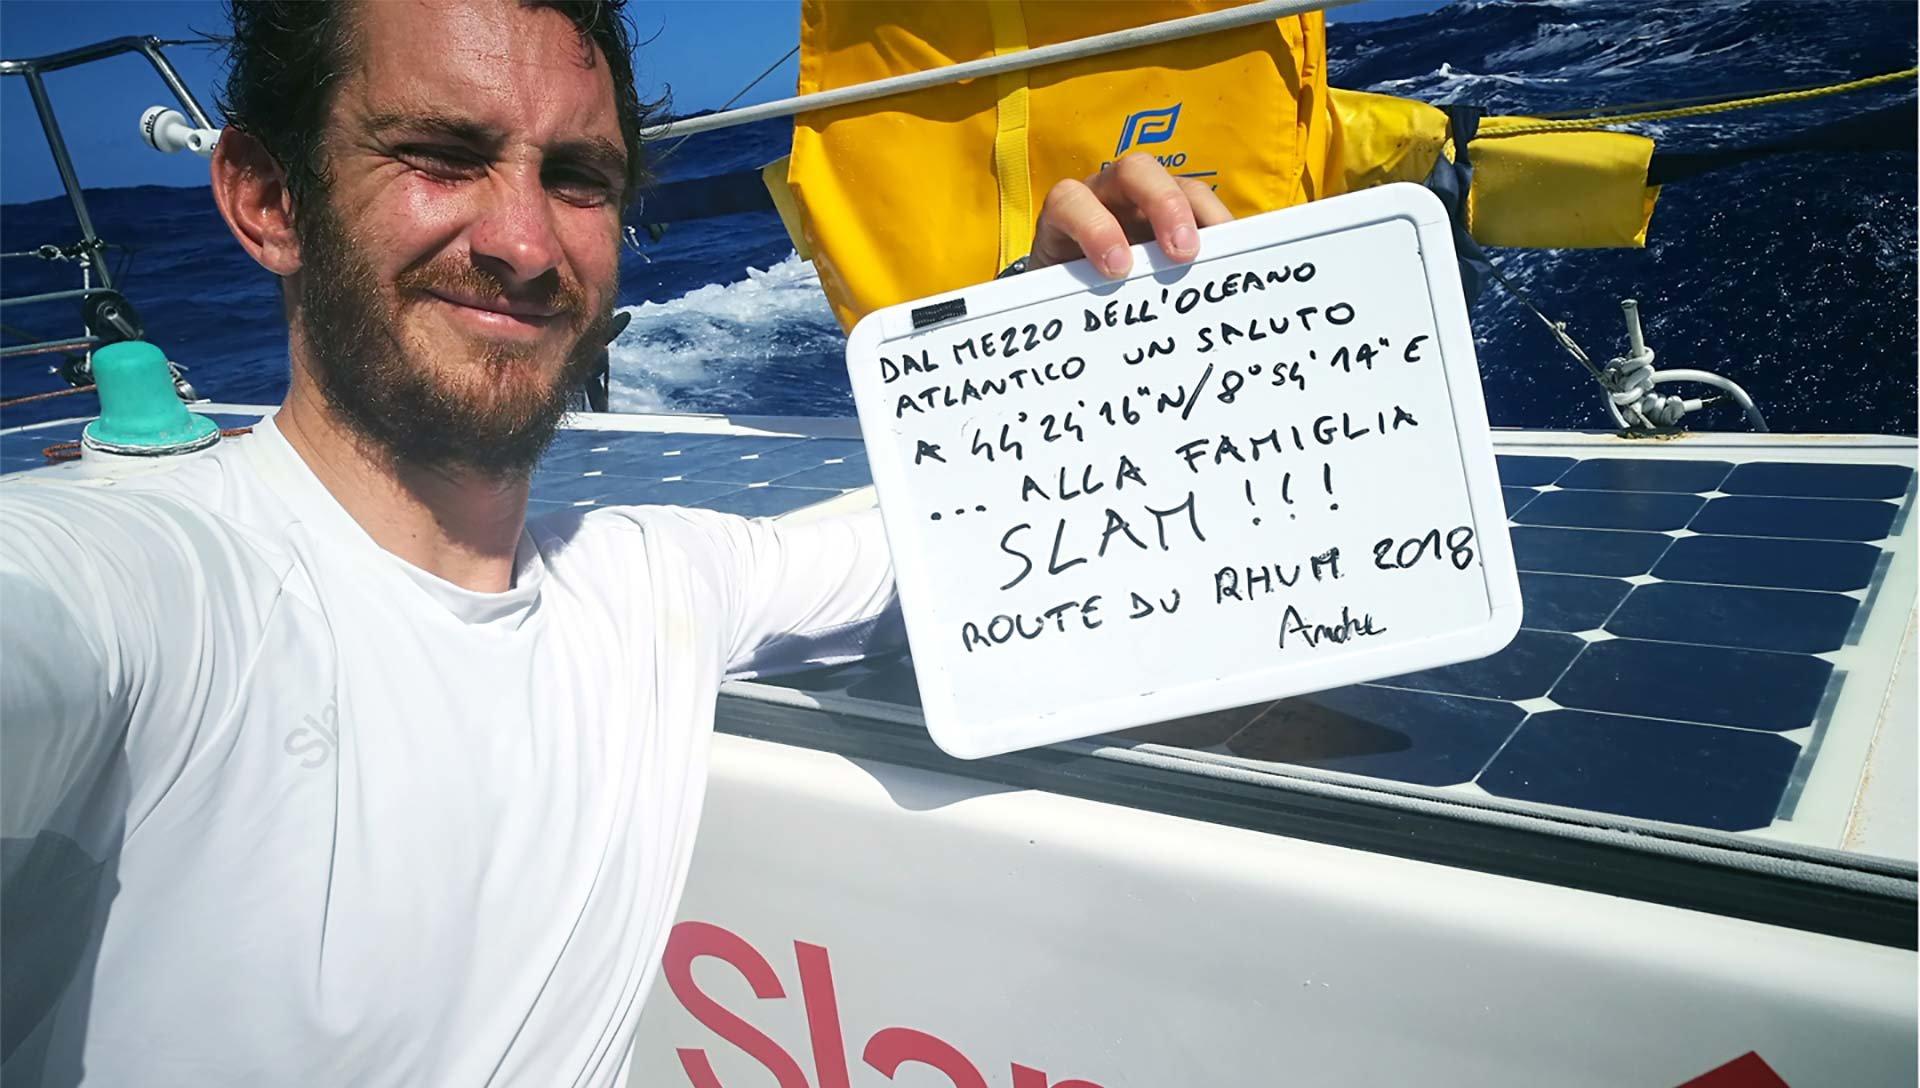 Lettera di Andrea<br>Fantini dall'oceano:<br>vento, mare e<br>passione sulla rotta<br>per Guadalupa